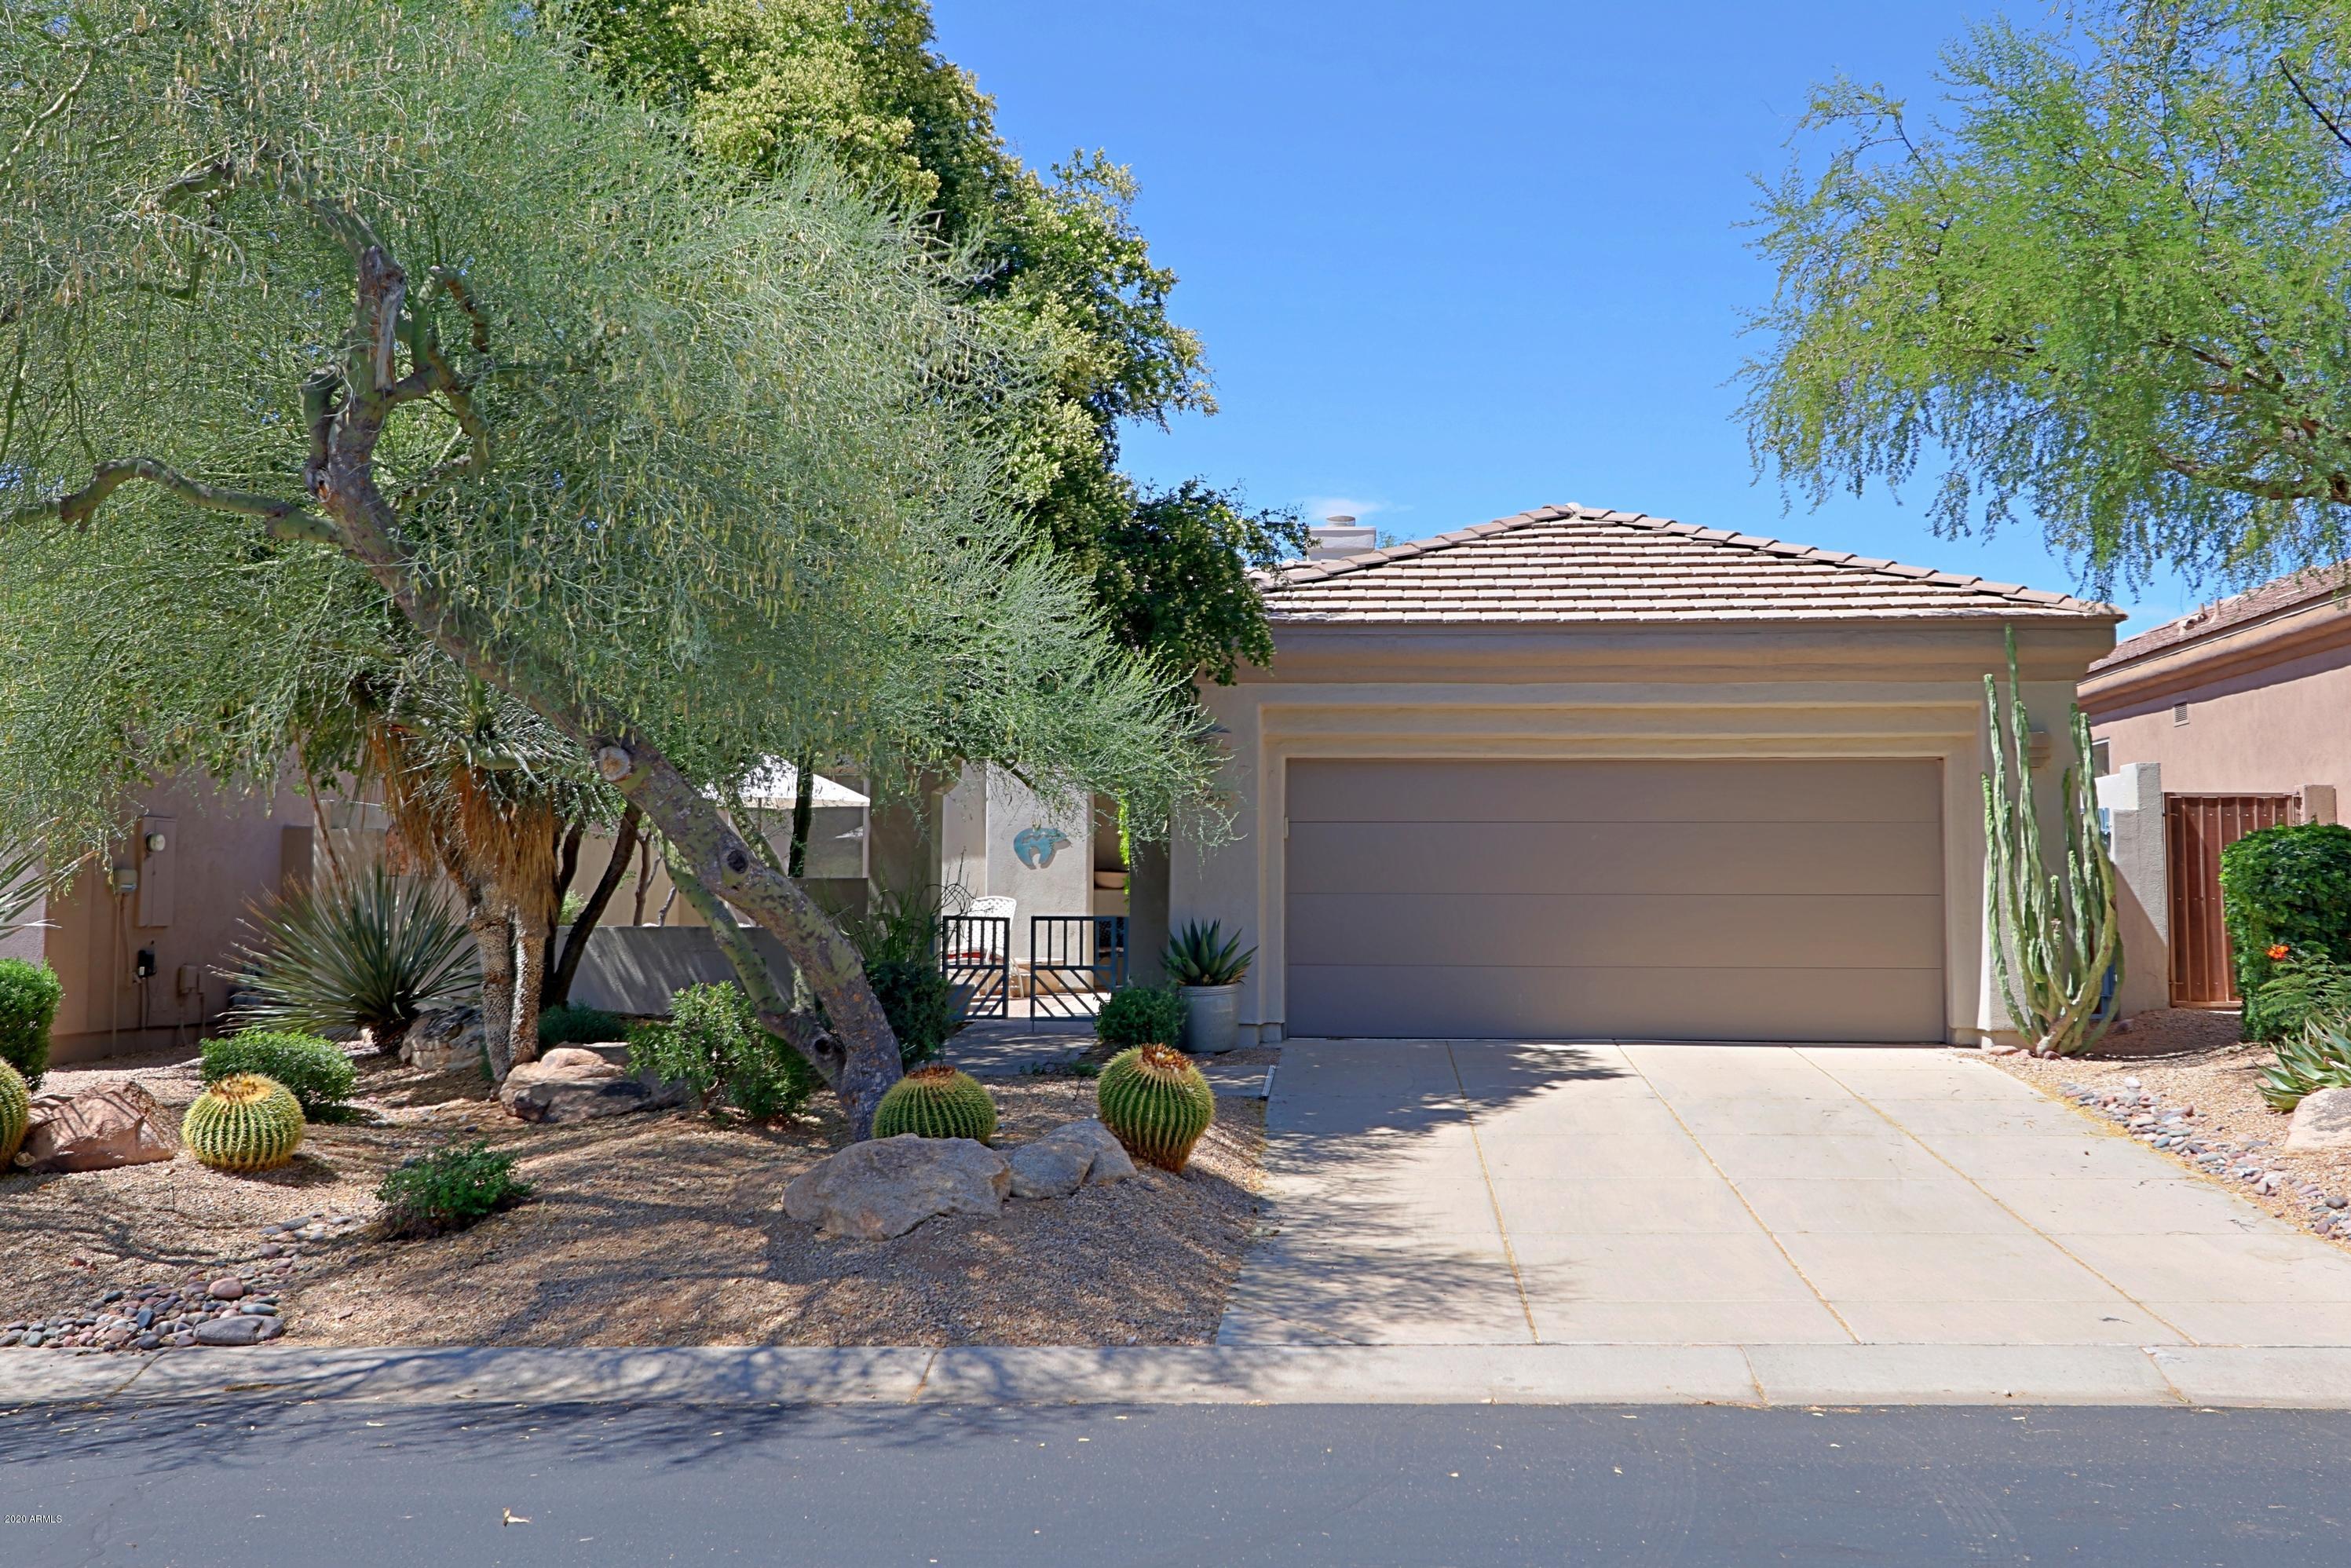 Photo of 6832 E NIGHTINGALE STAR Circle, Scottsdale, AZ 85266